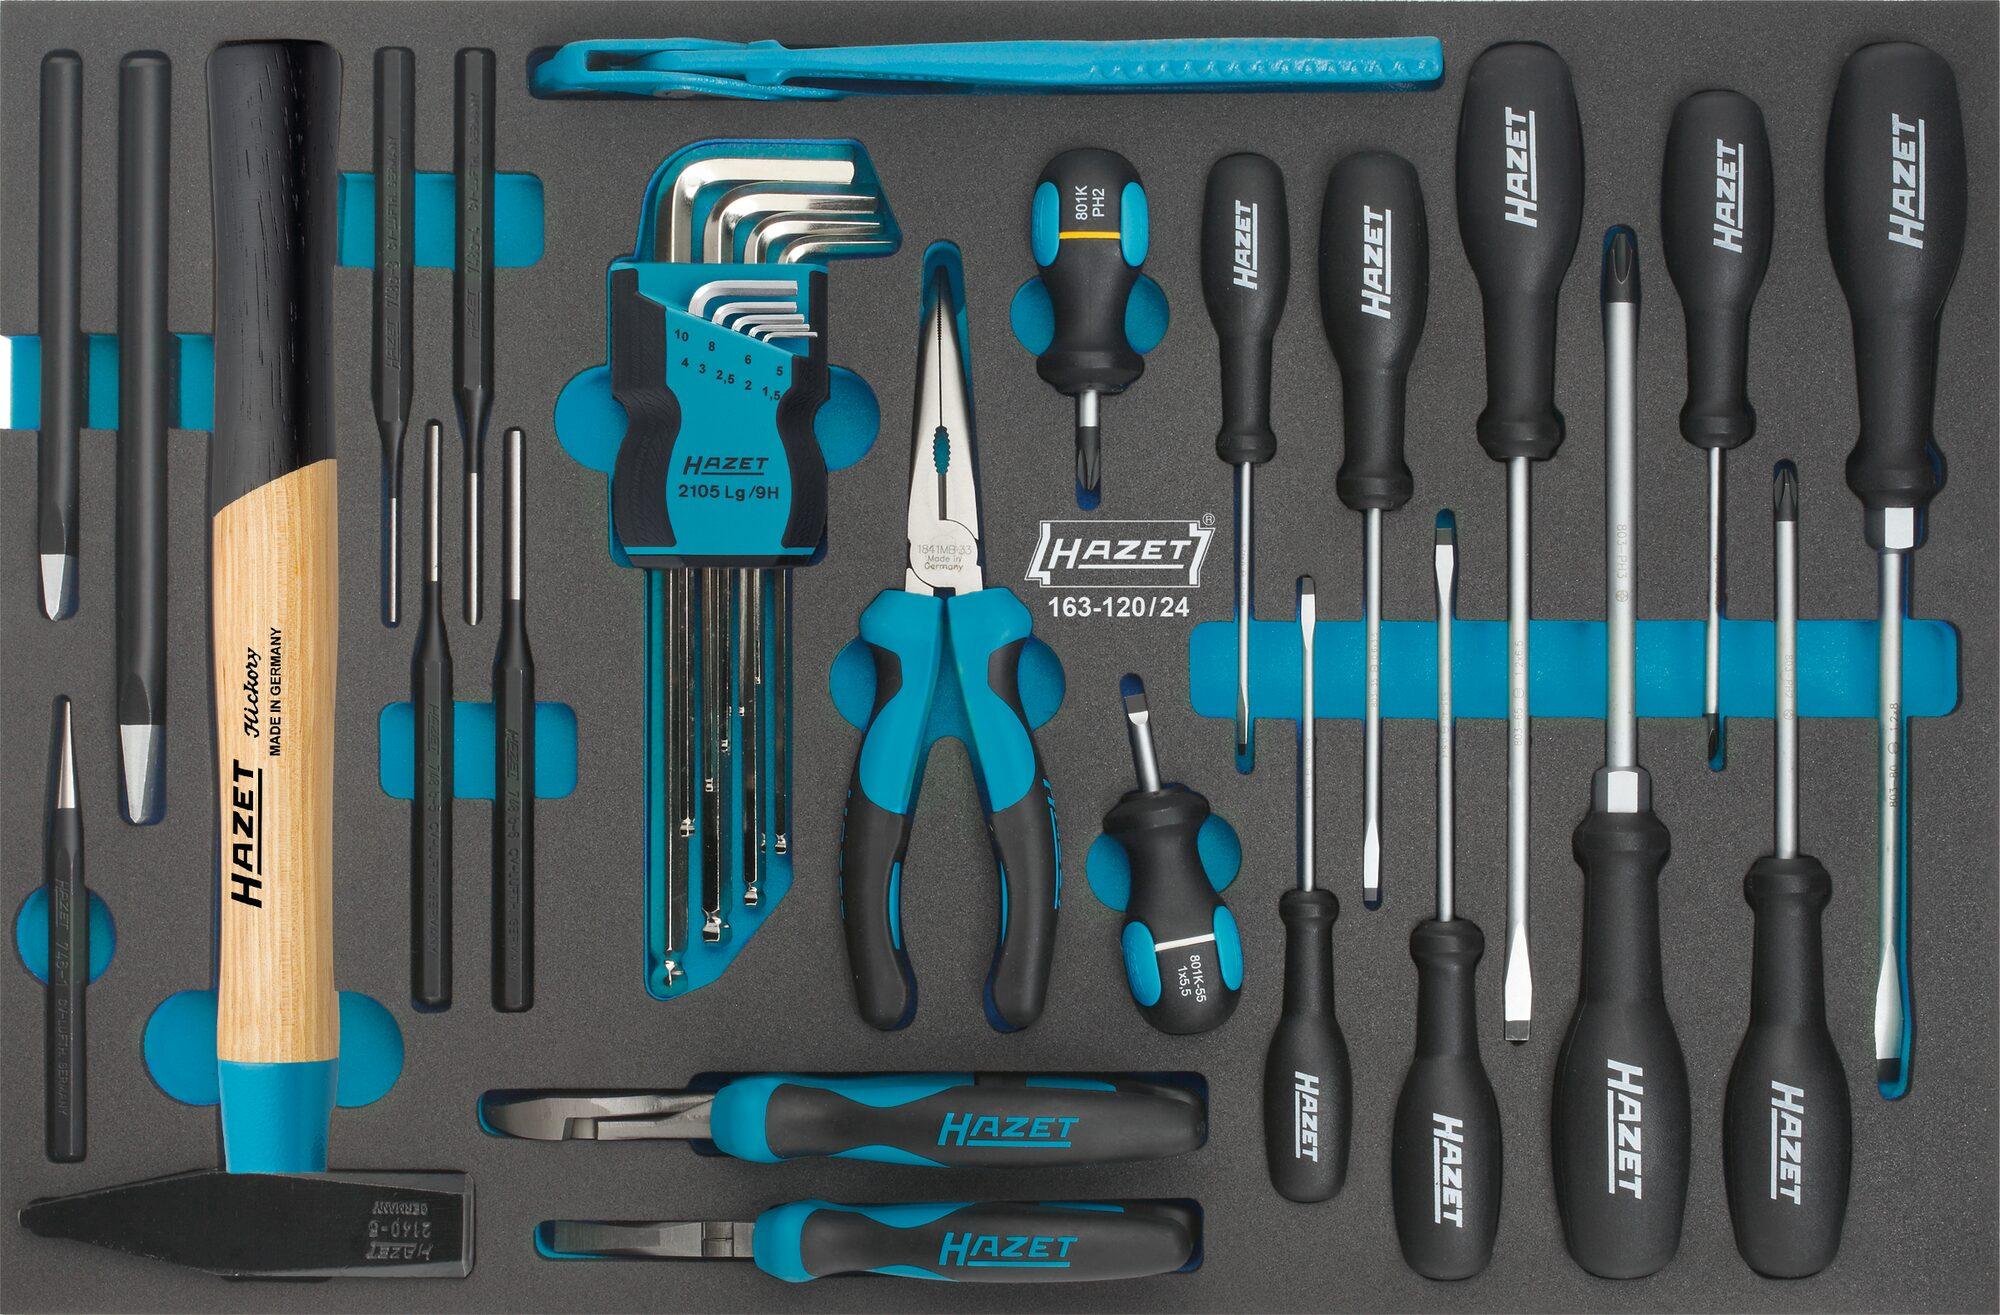 HAZET Universal Satz 163-120/24 ∙ Kreuzschlitz Profil PH, Schlitz Profil, Innen-Sechskant Profil ∙ Anzahl Werkzeuge: 24